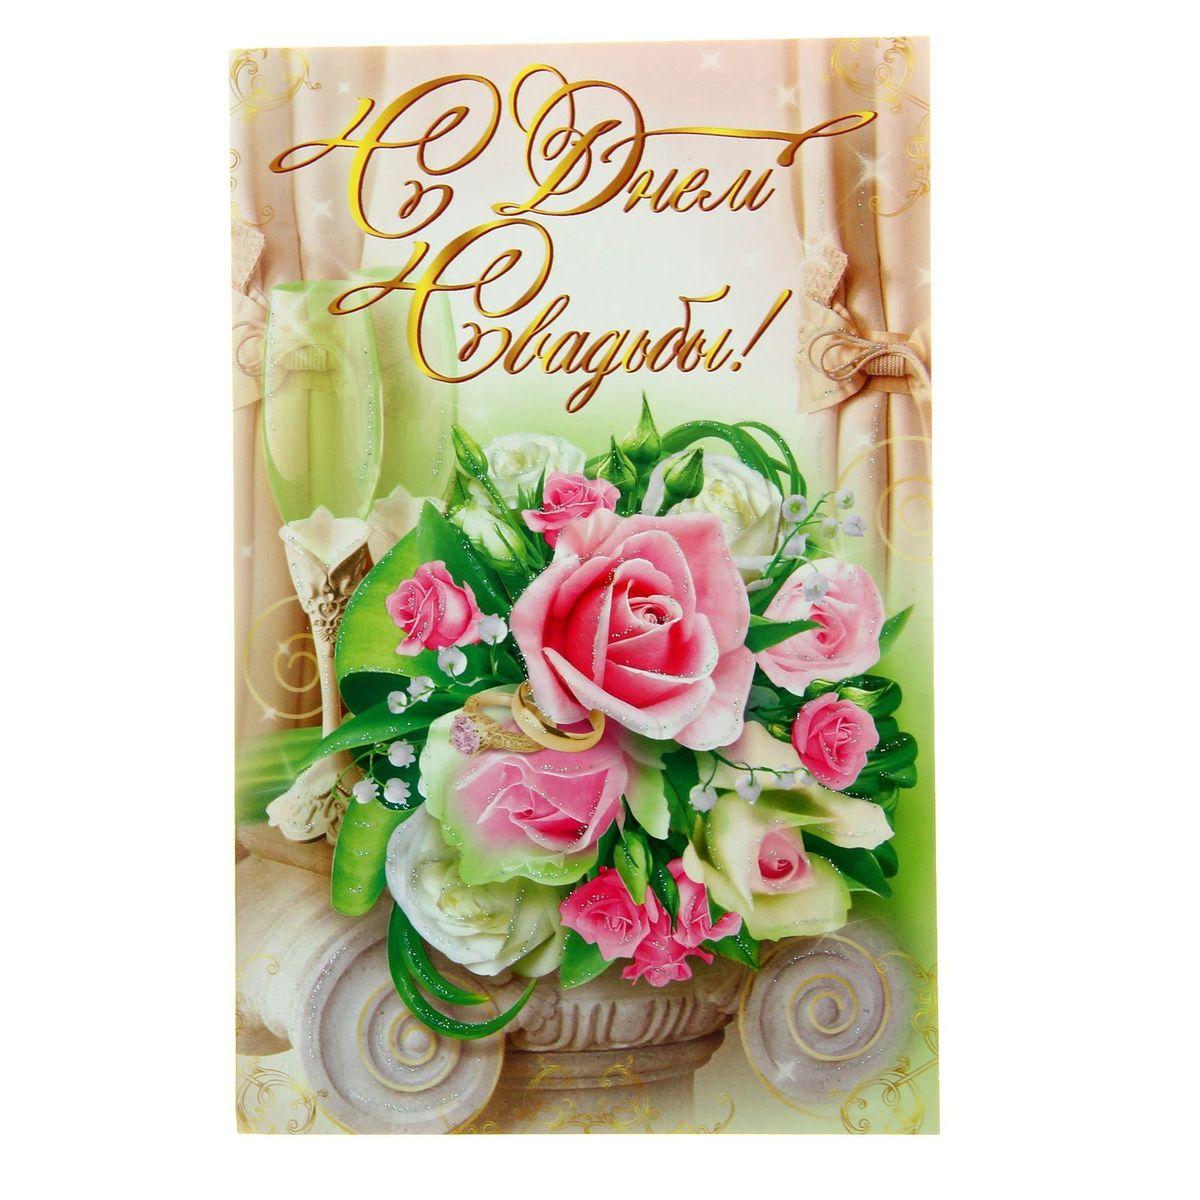 Открытка Эдельвейс С днем свадьбы!. 11623261162326Если вы хотите порадовать себя или близких, создать праздничное настроение и с улыбкой провести памятный день, то вы, несомненно, сделали правильный выбор! Открытка Эдельвейс С днем свадьбы!, выполненная из плотной бумаги, отличается не только оригинальным дизайном, но и высоким качеством.